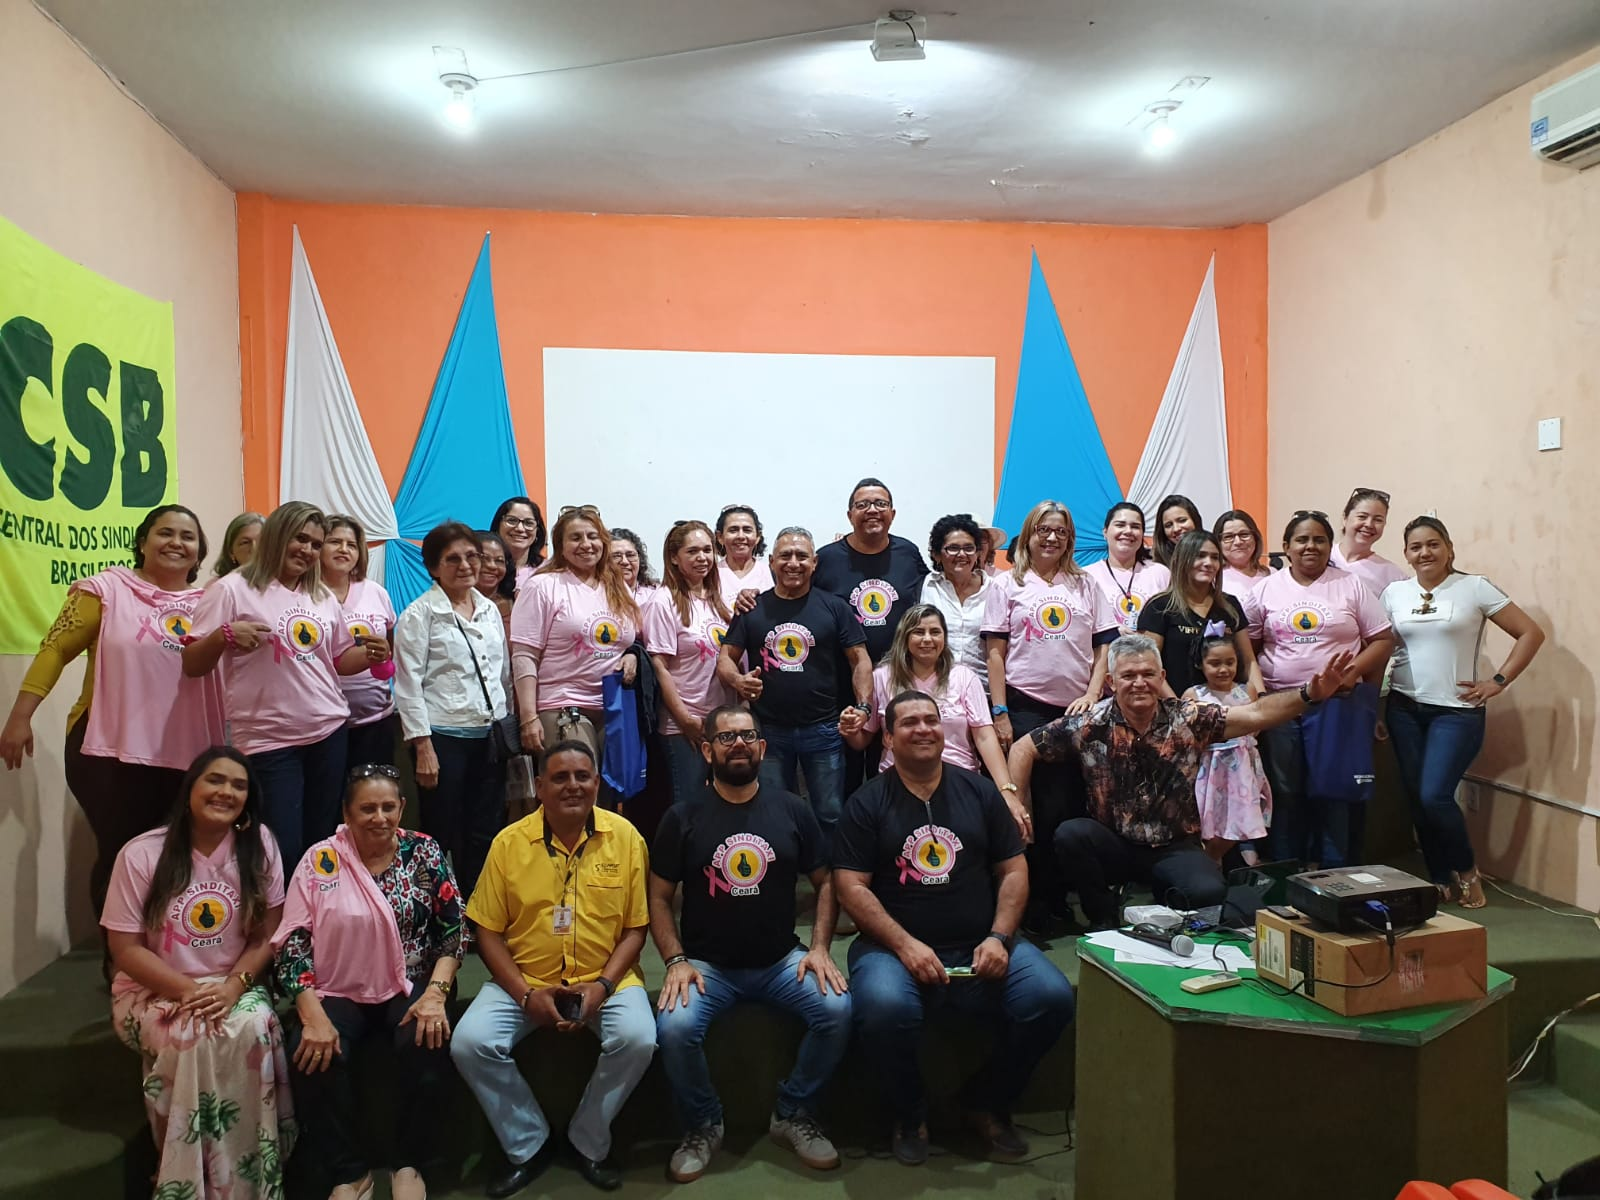 Sindicato dos taxistas do Ceará organiza evento com as trabalhadoras da categoria